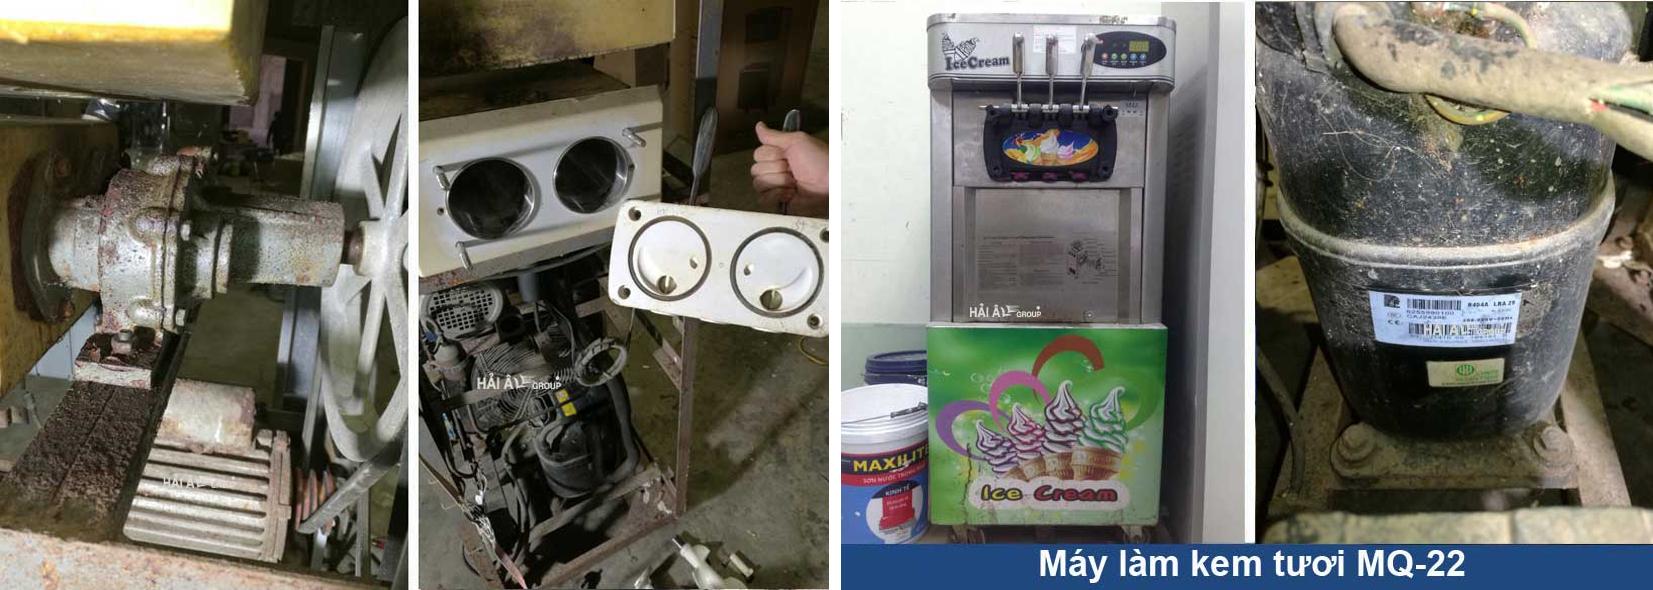 Sửa chữa máy làm kem MQ 22